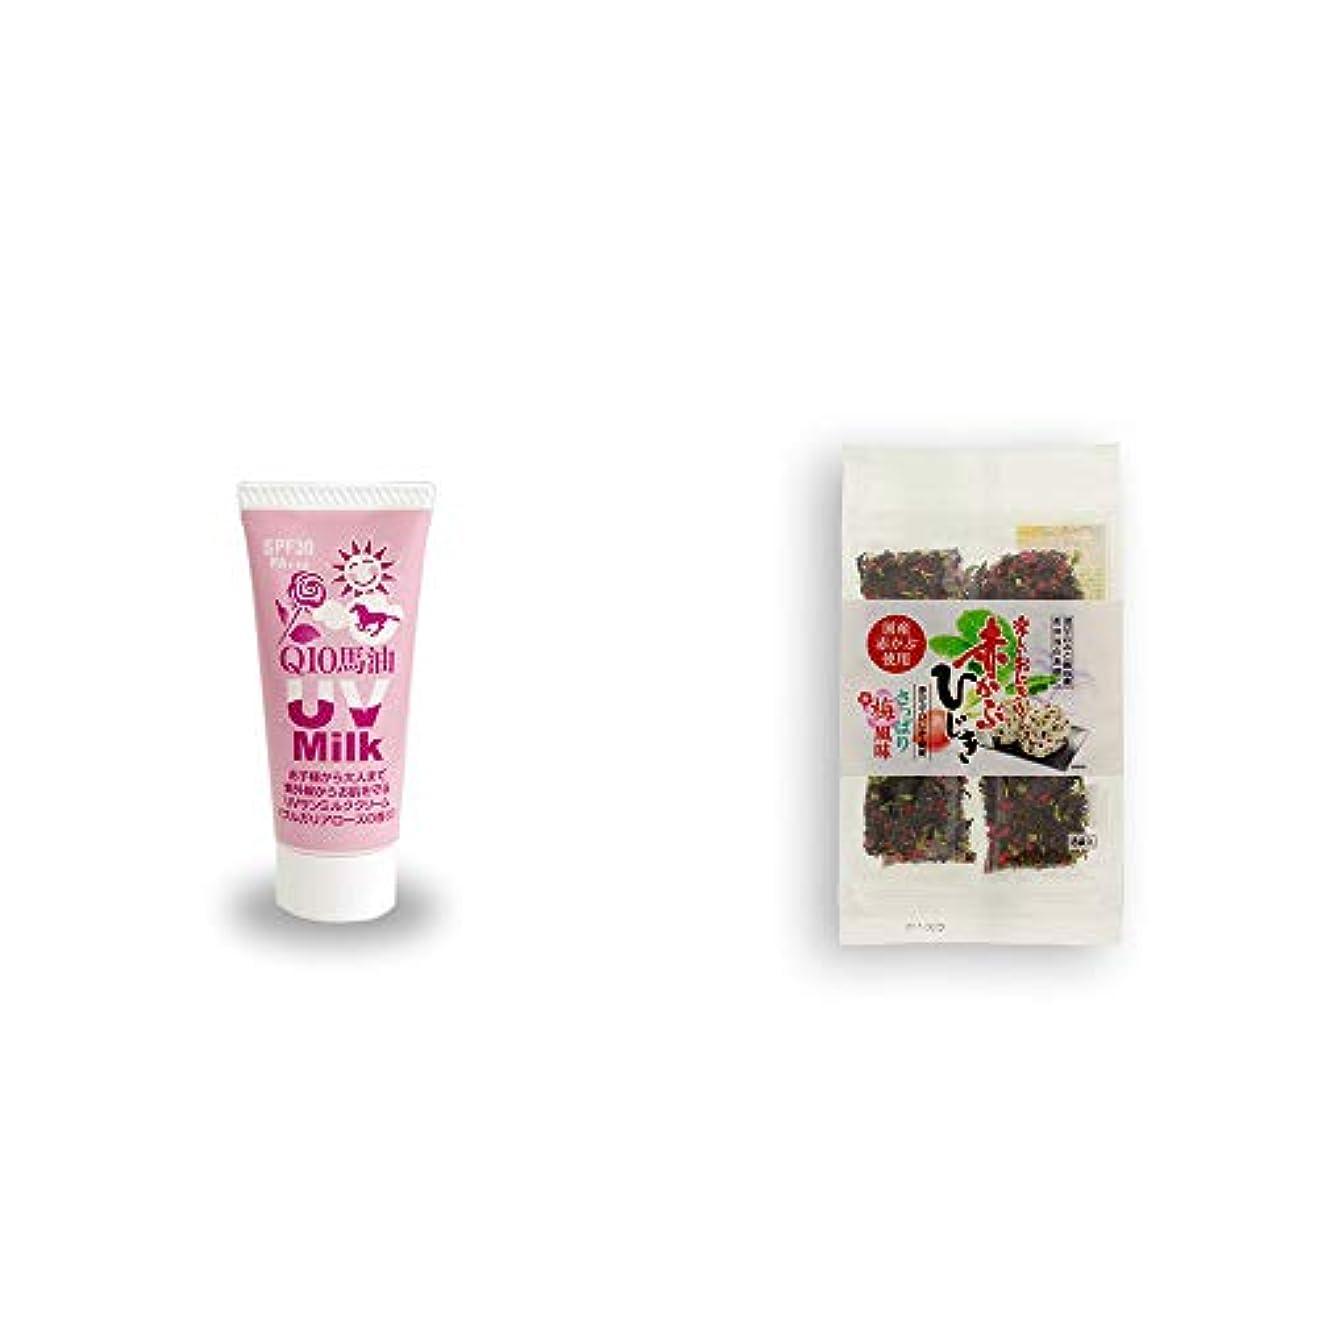 従順な製作従順な[2点セット] 炭黒泉 Q10馬油 UVサンミルク[ブルガリアローズ](40g)?楽しいおにぎり 赤かぶひじき(8g×8袋)